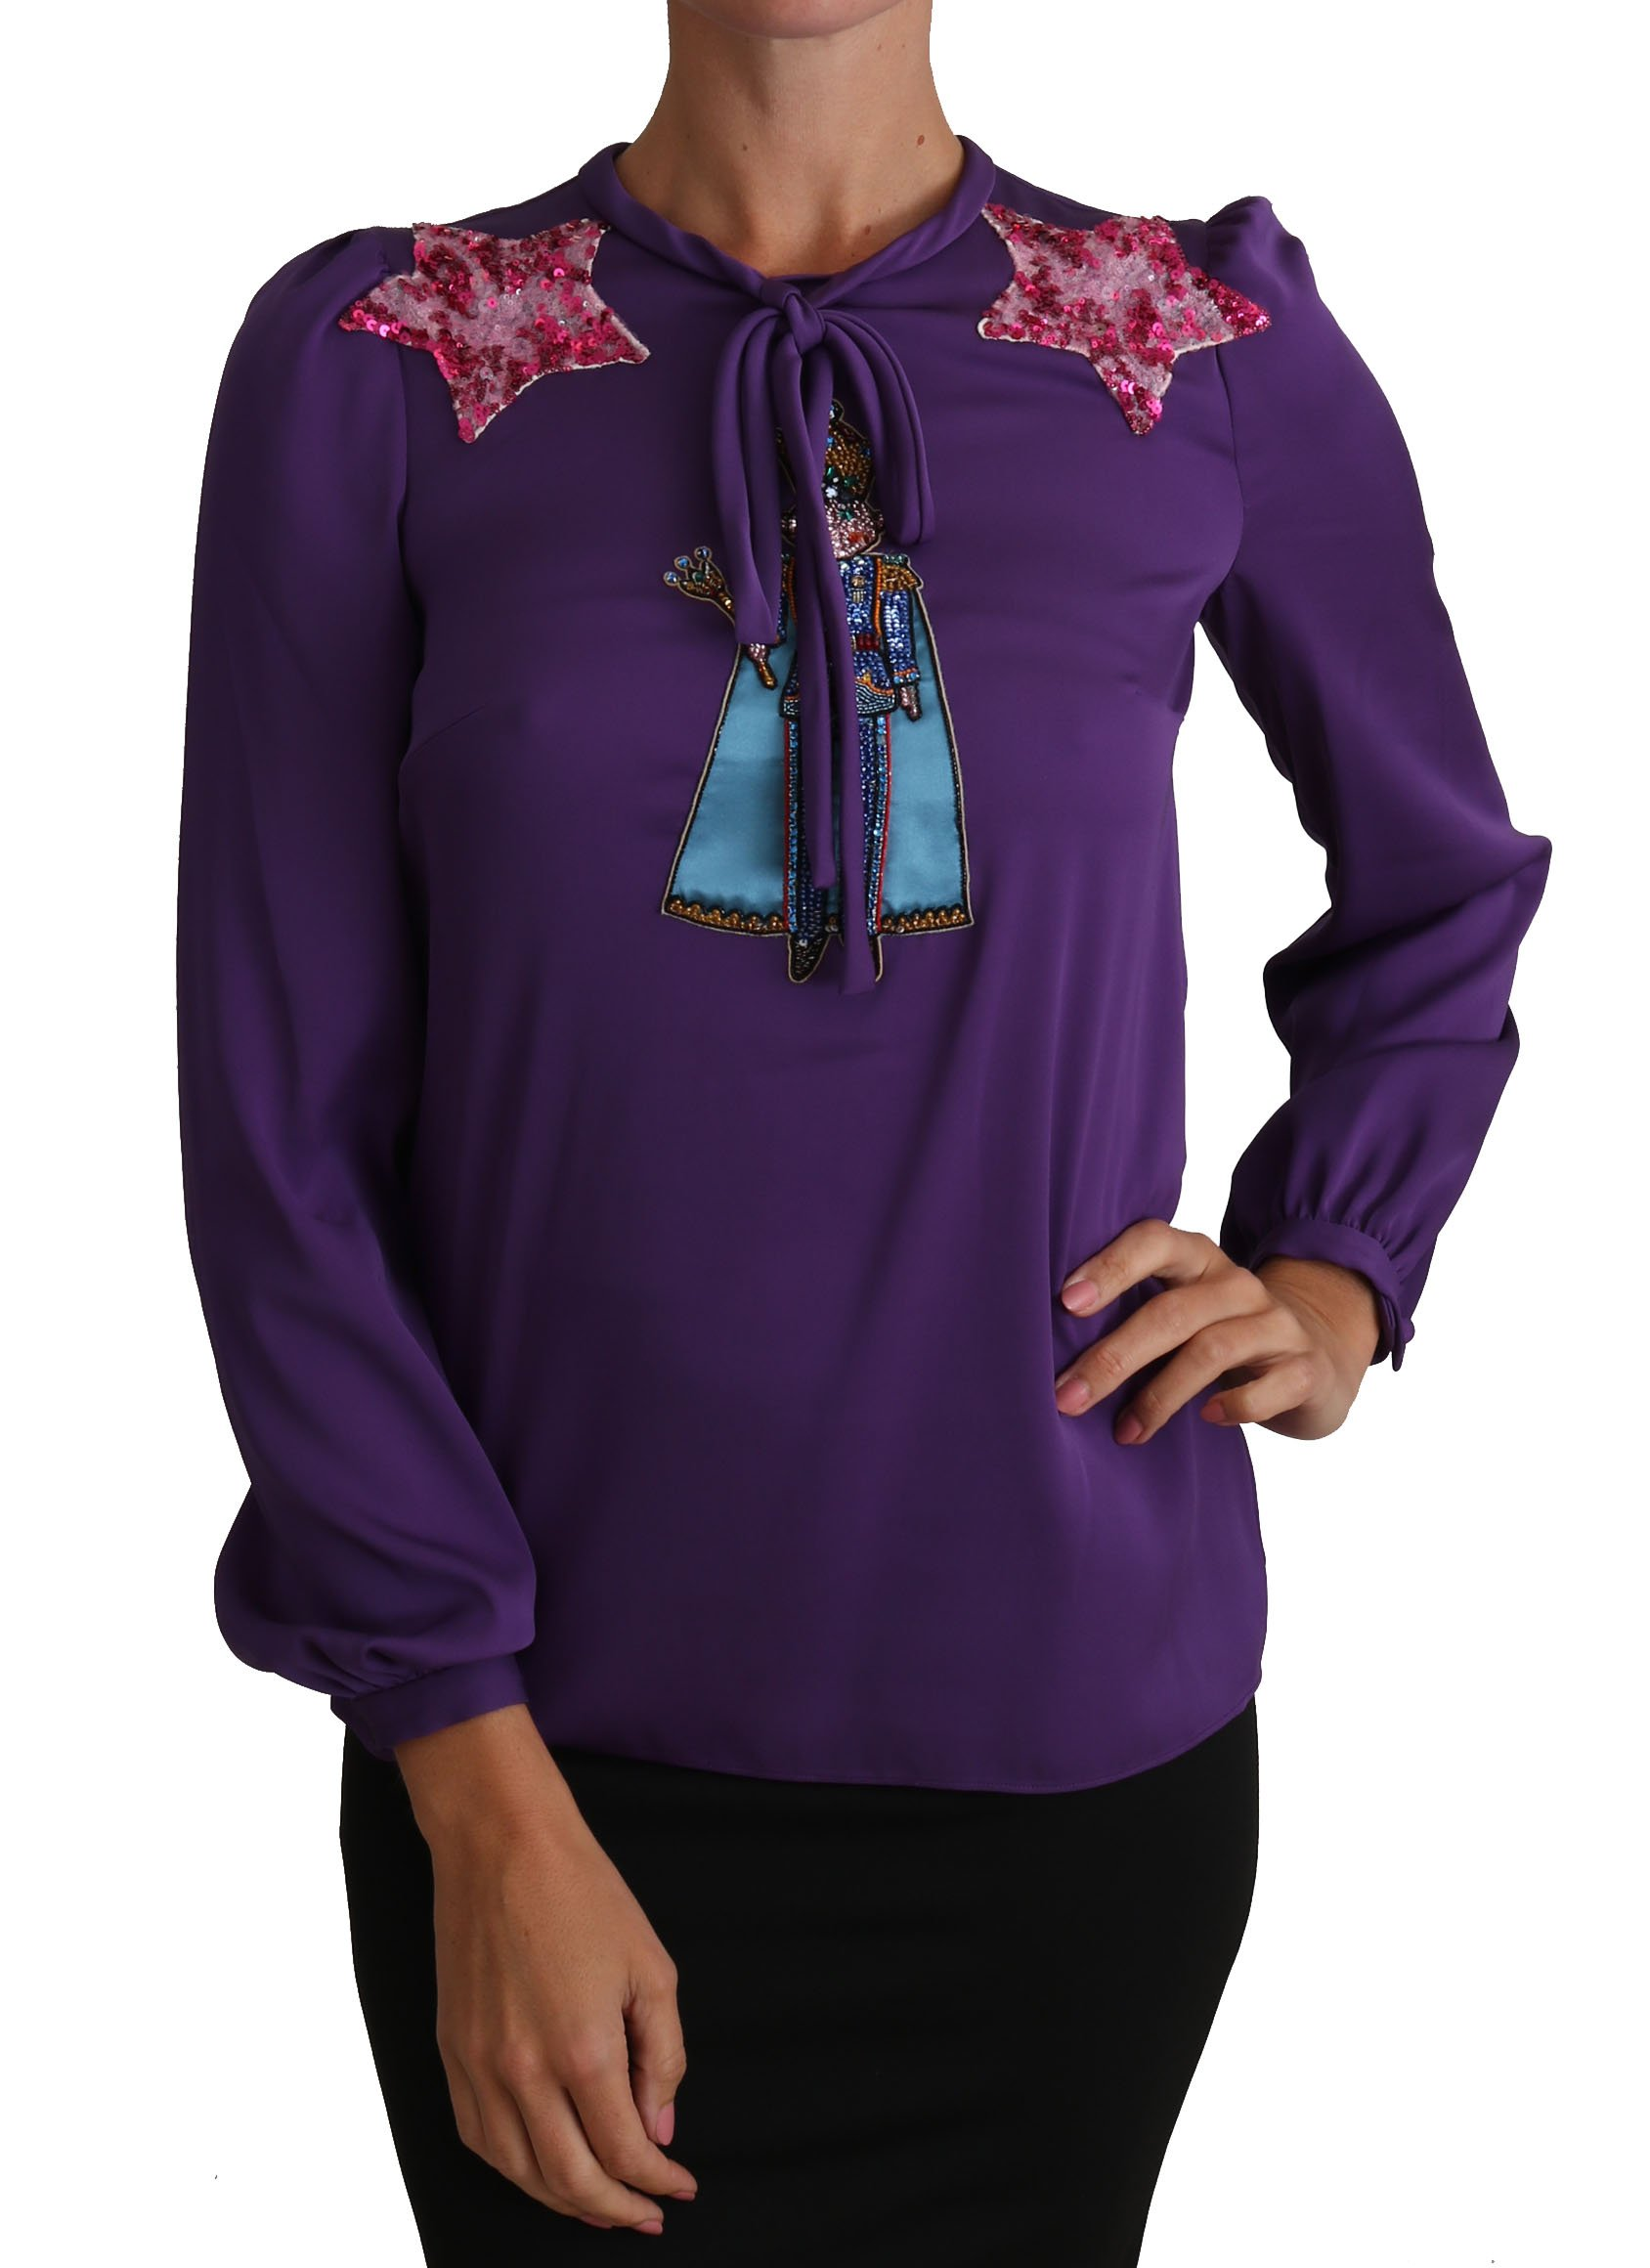 Dolce & Gabbana Women's Fairy Tale Tops Purple TSH2755 - IT36|XXS